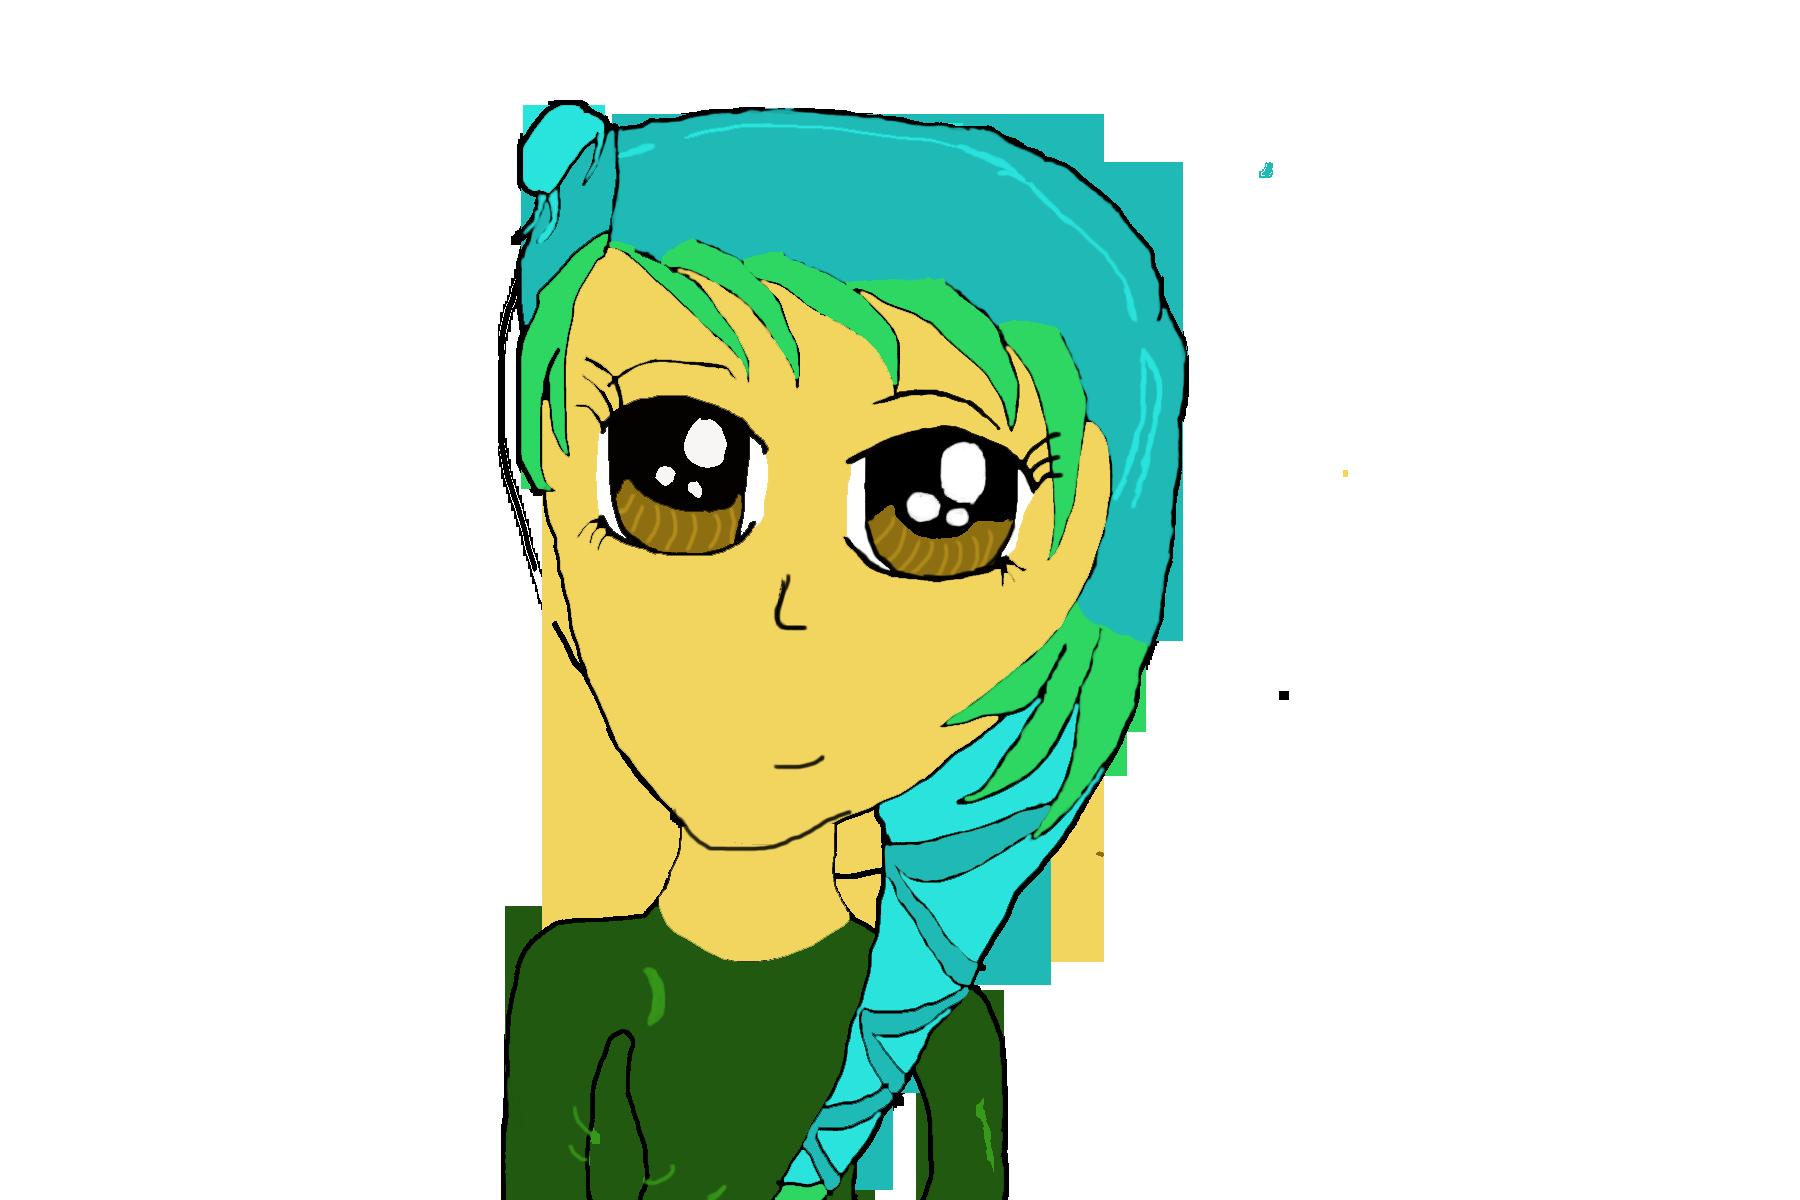 Anime avatar